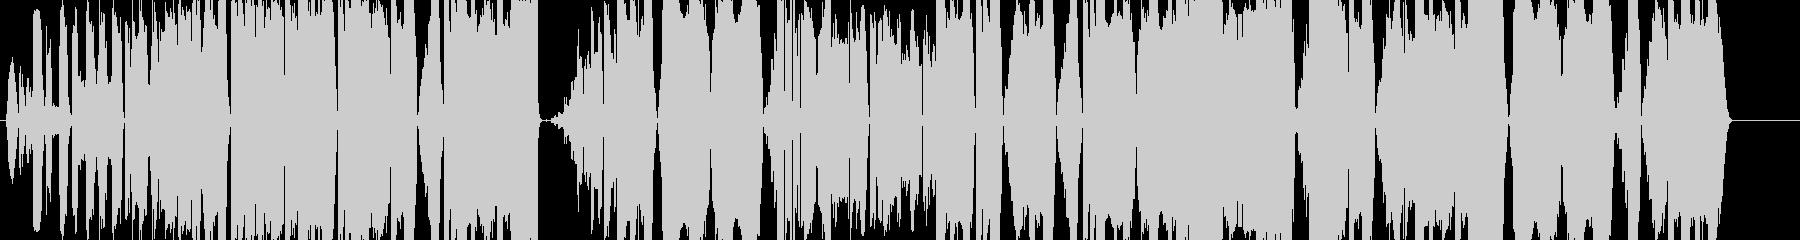 グリッチ系ダンスビートの未再生の波形